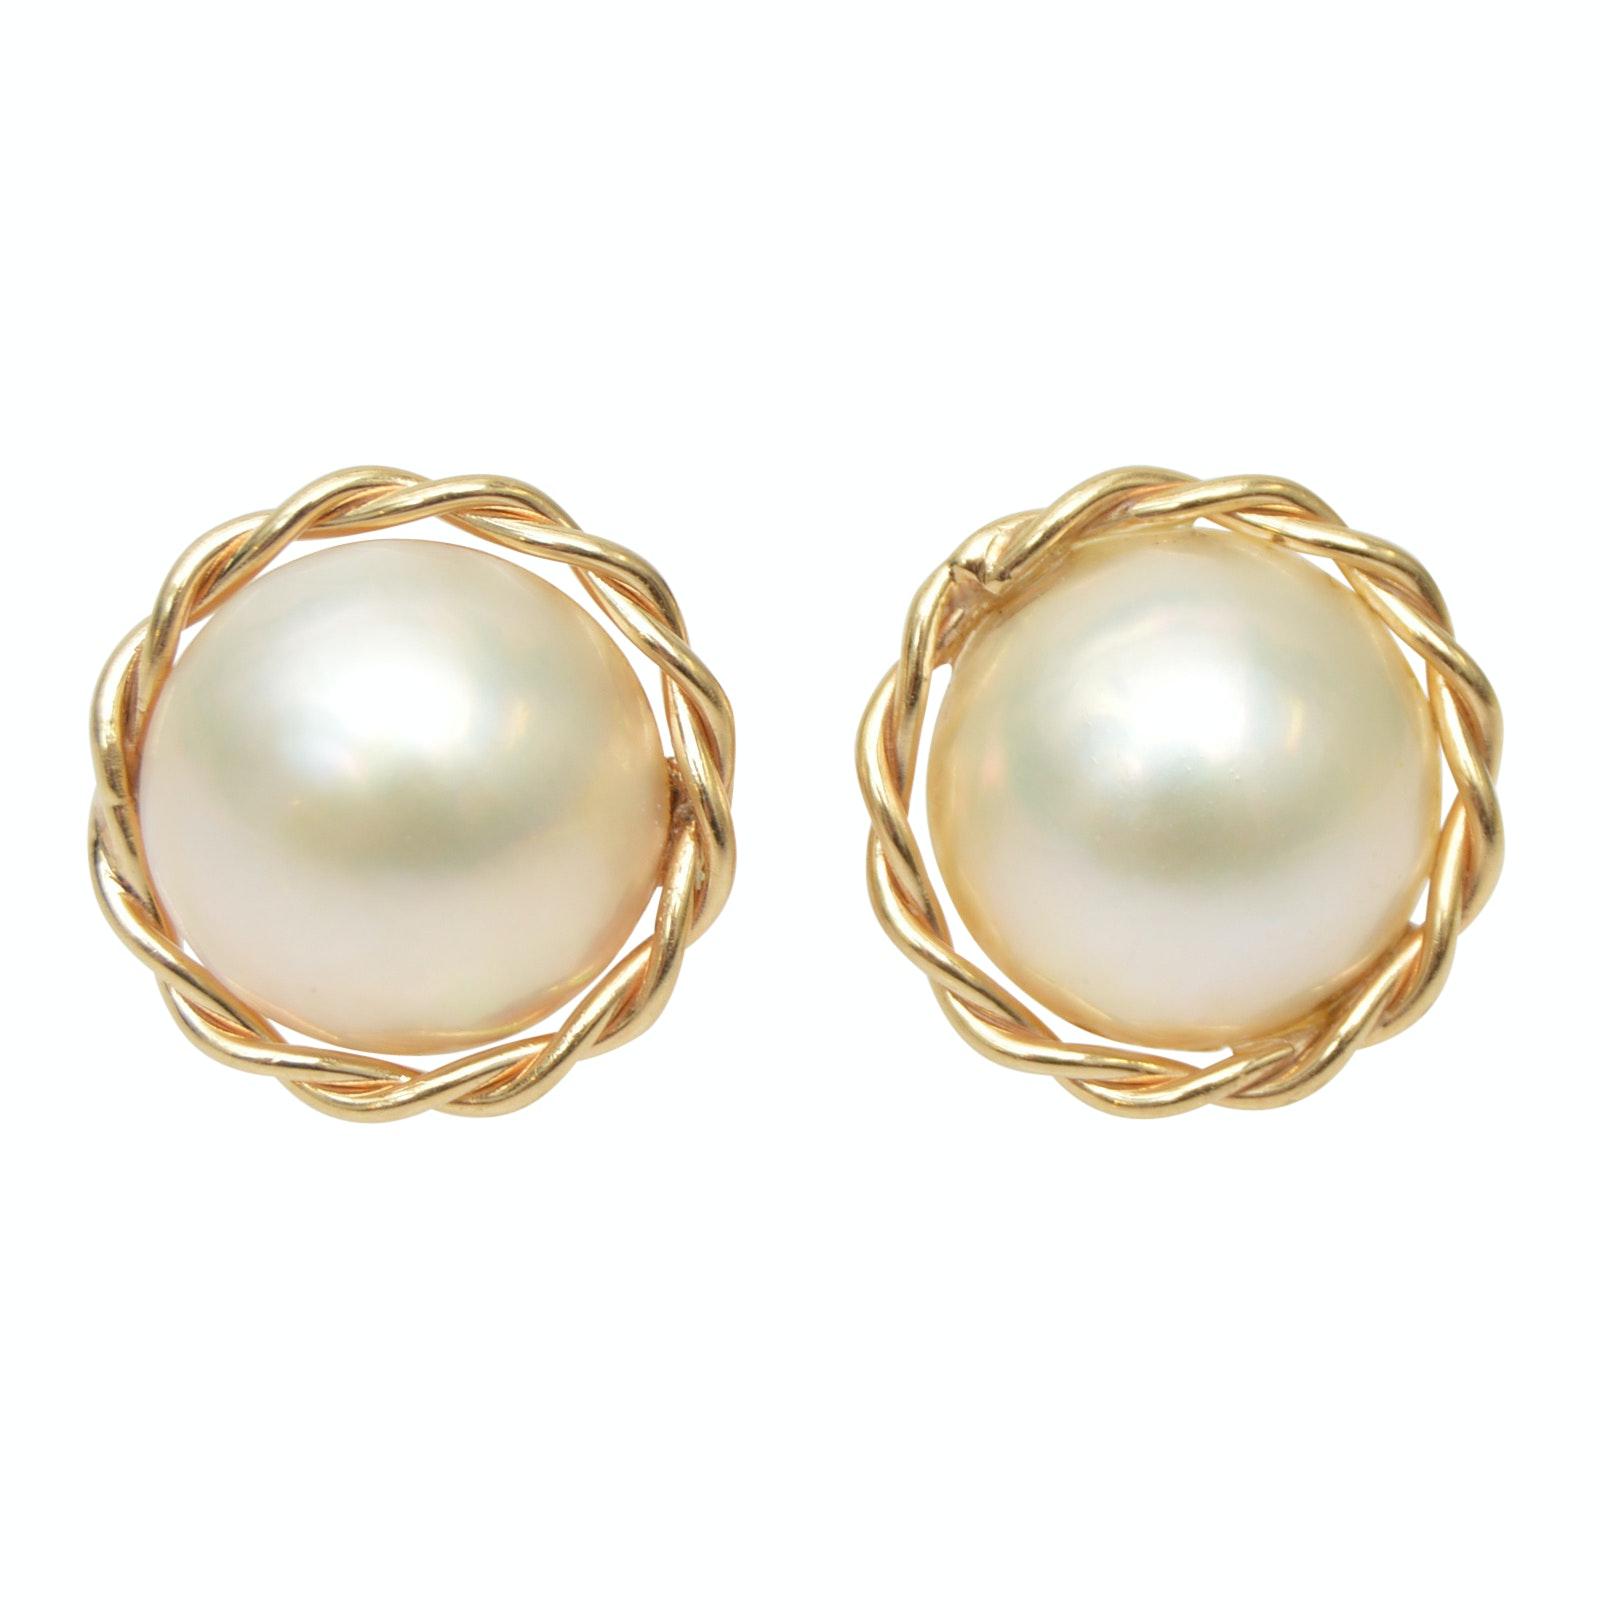 14K Yellow Gold Cultured Pearl Pierced Earrings